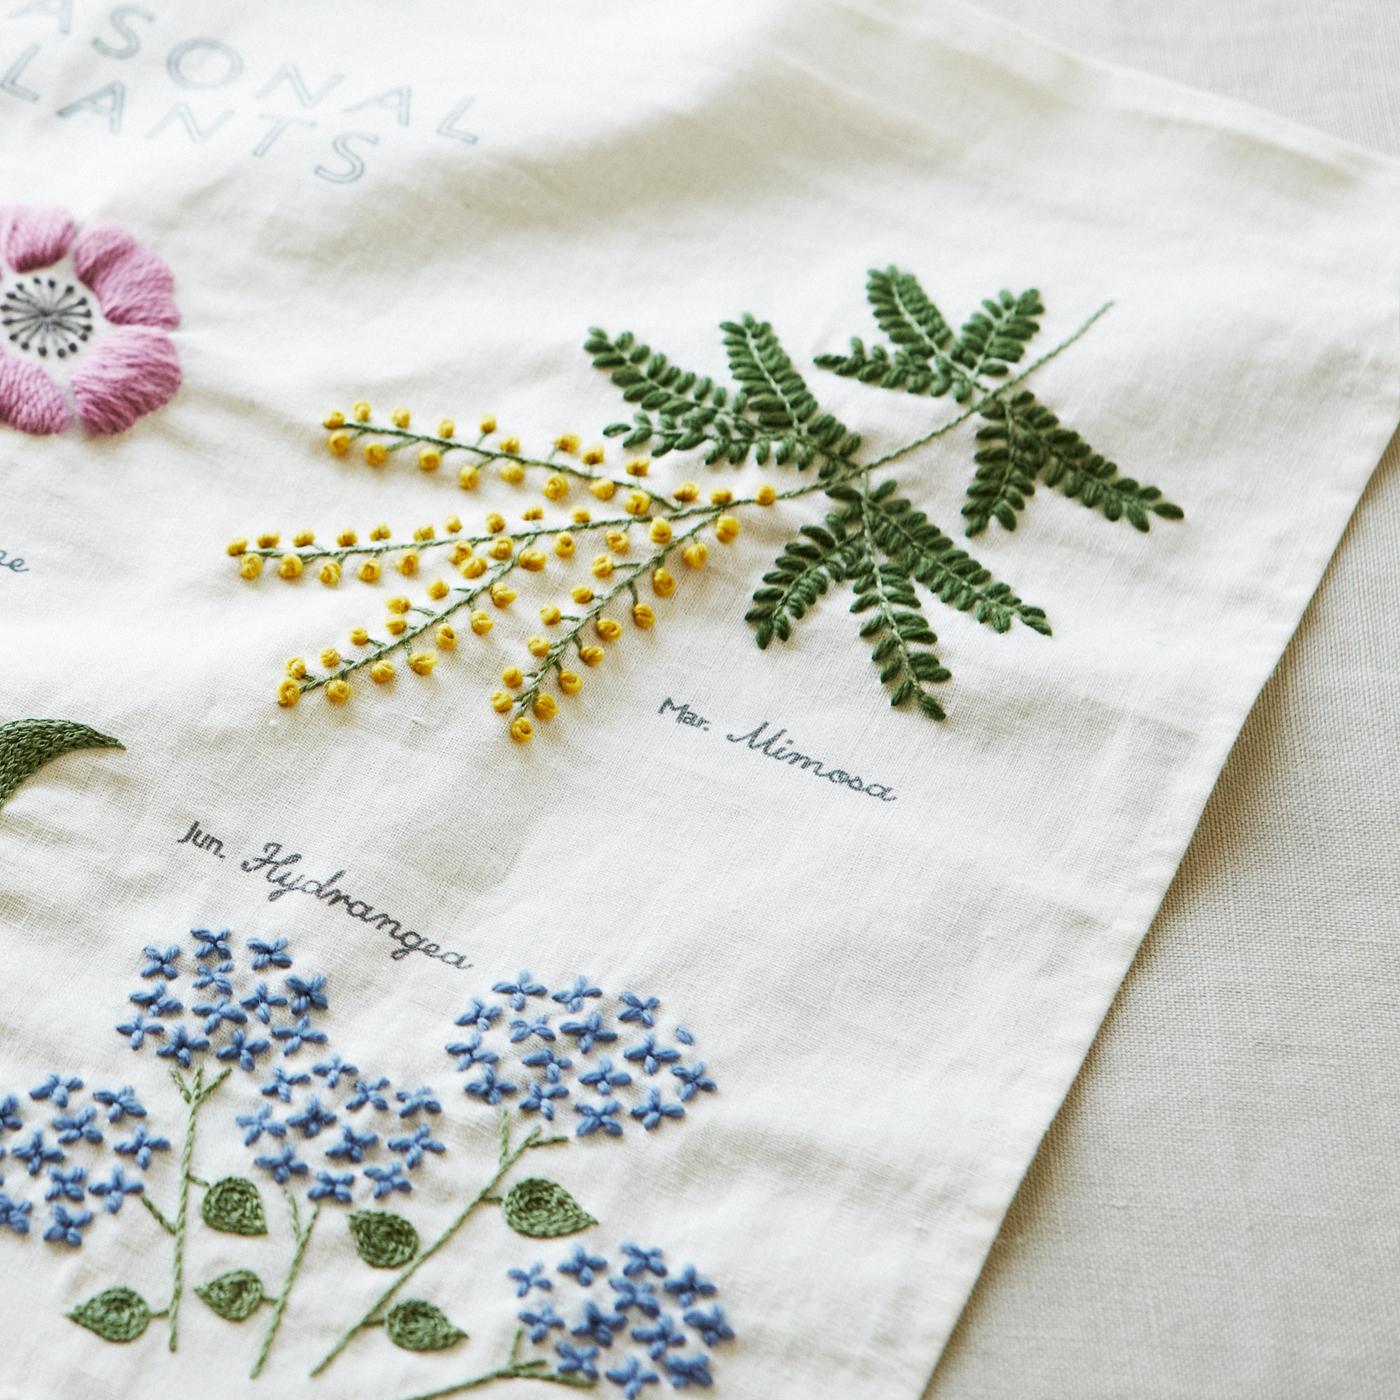 生地の端は縫製済みなので、ミシンは必要ありません。